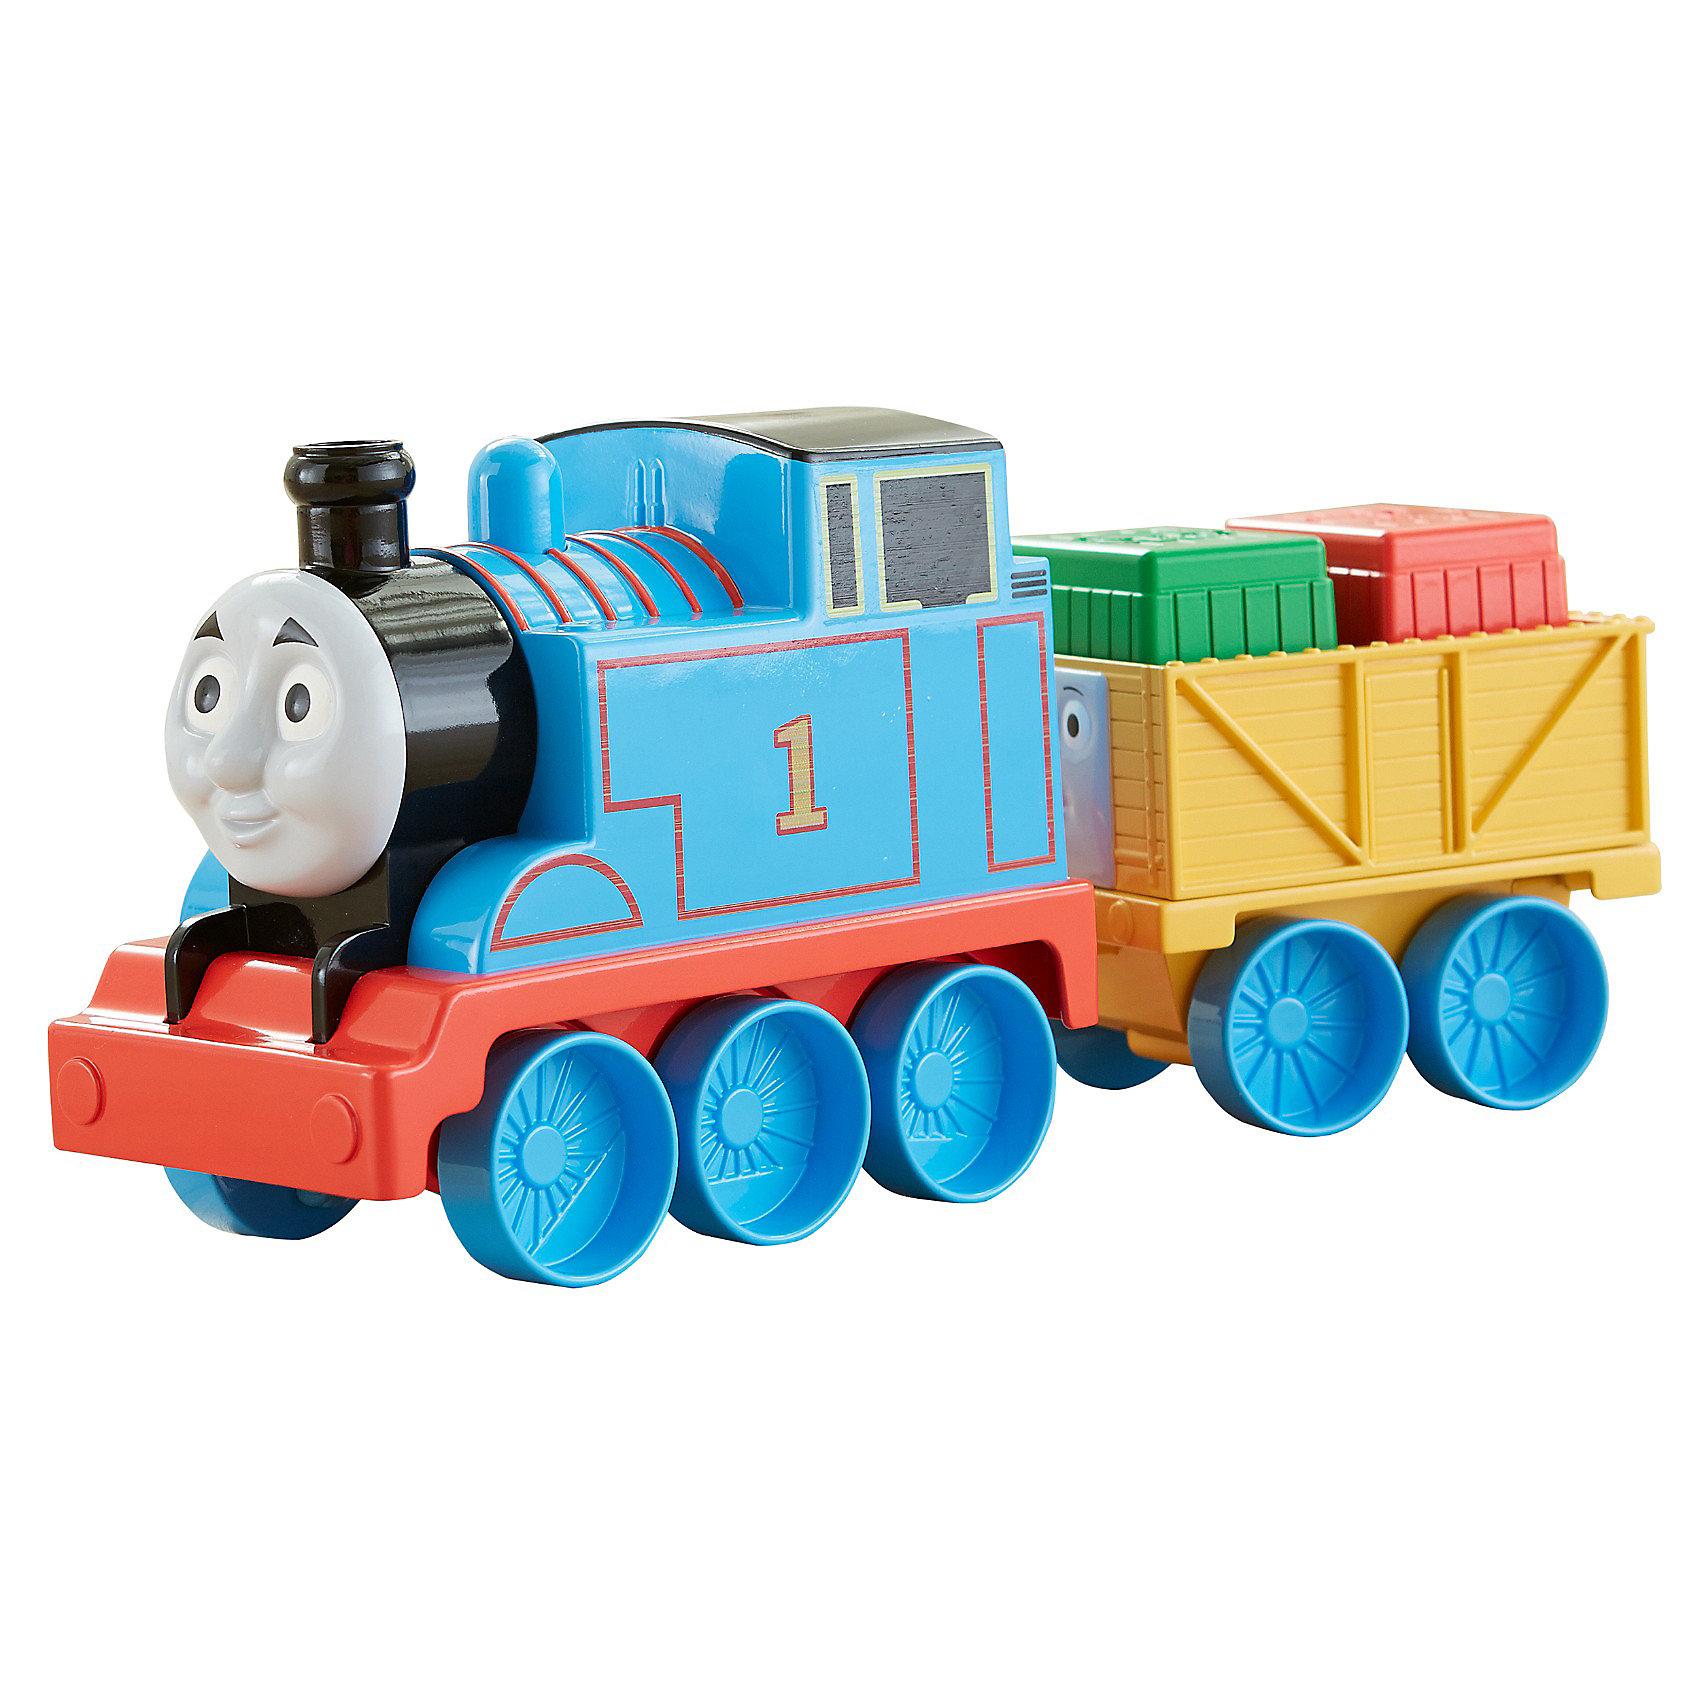 Первый паровозик малыша, Томас и его друзьяПервый паровозик малыша, Томас и его друзья от Fisher-Price (Фишер-Прайс) – безопасная, яркая и красивая игрушка для Вашего малыша. <br><br>Паровозики разработаны в соответствии с размером ладошек ребенка, поэтому малышам так нравится с ними играть. При нажатии на кнопку паровоз свистит.<br><br>Дополнительная информация:<br><br>- Размеры: 35х25,5х11,5 см<br>- Вес: 1,7 кг<br>- Материал: пластик<br>Комплектация:<br>- паровоз и вагон с грузом<br><br>Первый паровозик малыша, Томас и его друзья поможет Вашему крохе развить воображение, а также моторику рук.<br><br>Первый паровозик малыша, Томас и его друзья от Fisher-Price (Фишер-Прайс) можно купить в нашем магазине.<br><br>Ширина мм: 354<br>Глубина мм: 258<br>Высота мм: 114<br>Вес г: 794<br>Возраст от месяцев: 12<br>Возраст до месяцев: 36<br>Пол: Унисекс<br>Возраст: Детский<br>SKU: 3531013